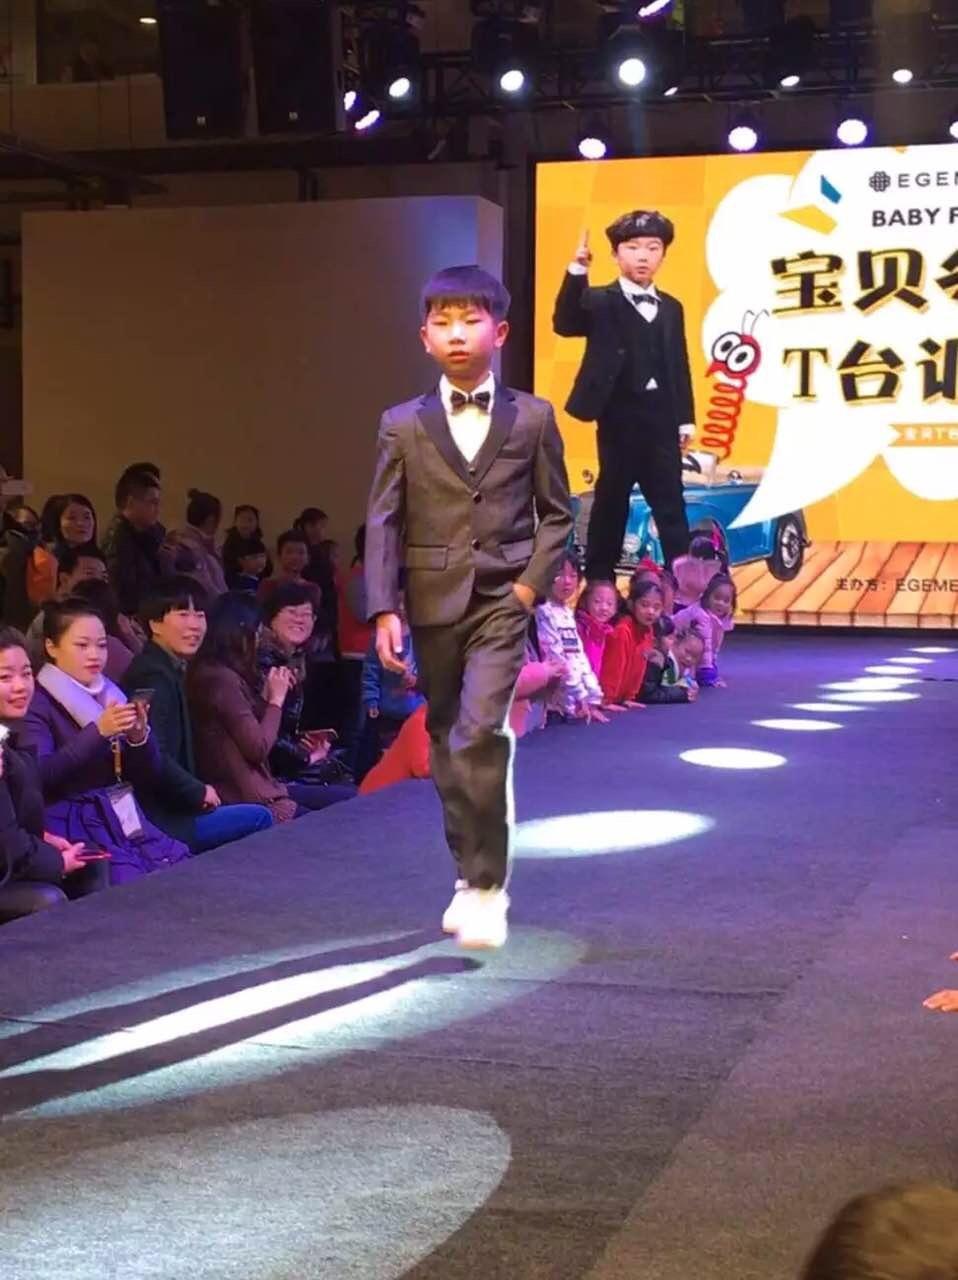 唐天睿-2017中国首席少儿模特大赛-上海赛区